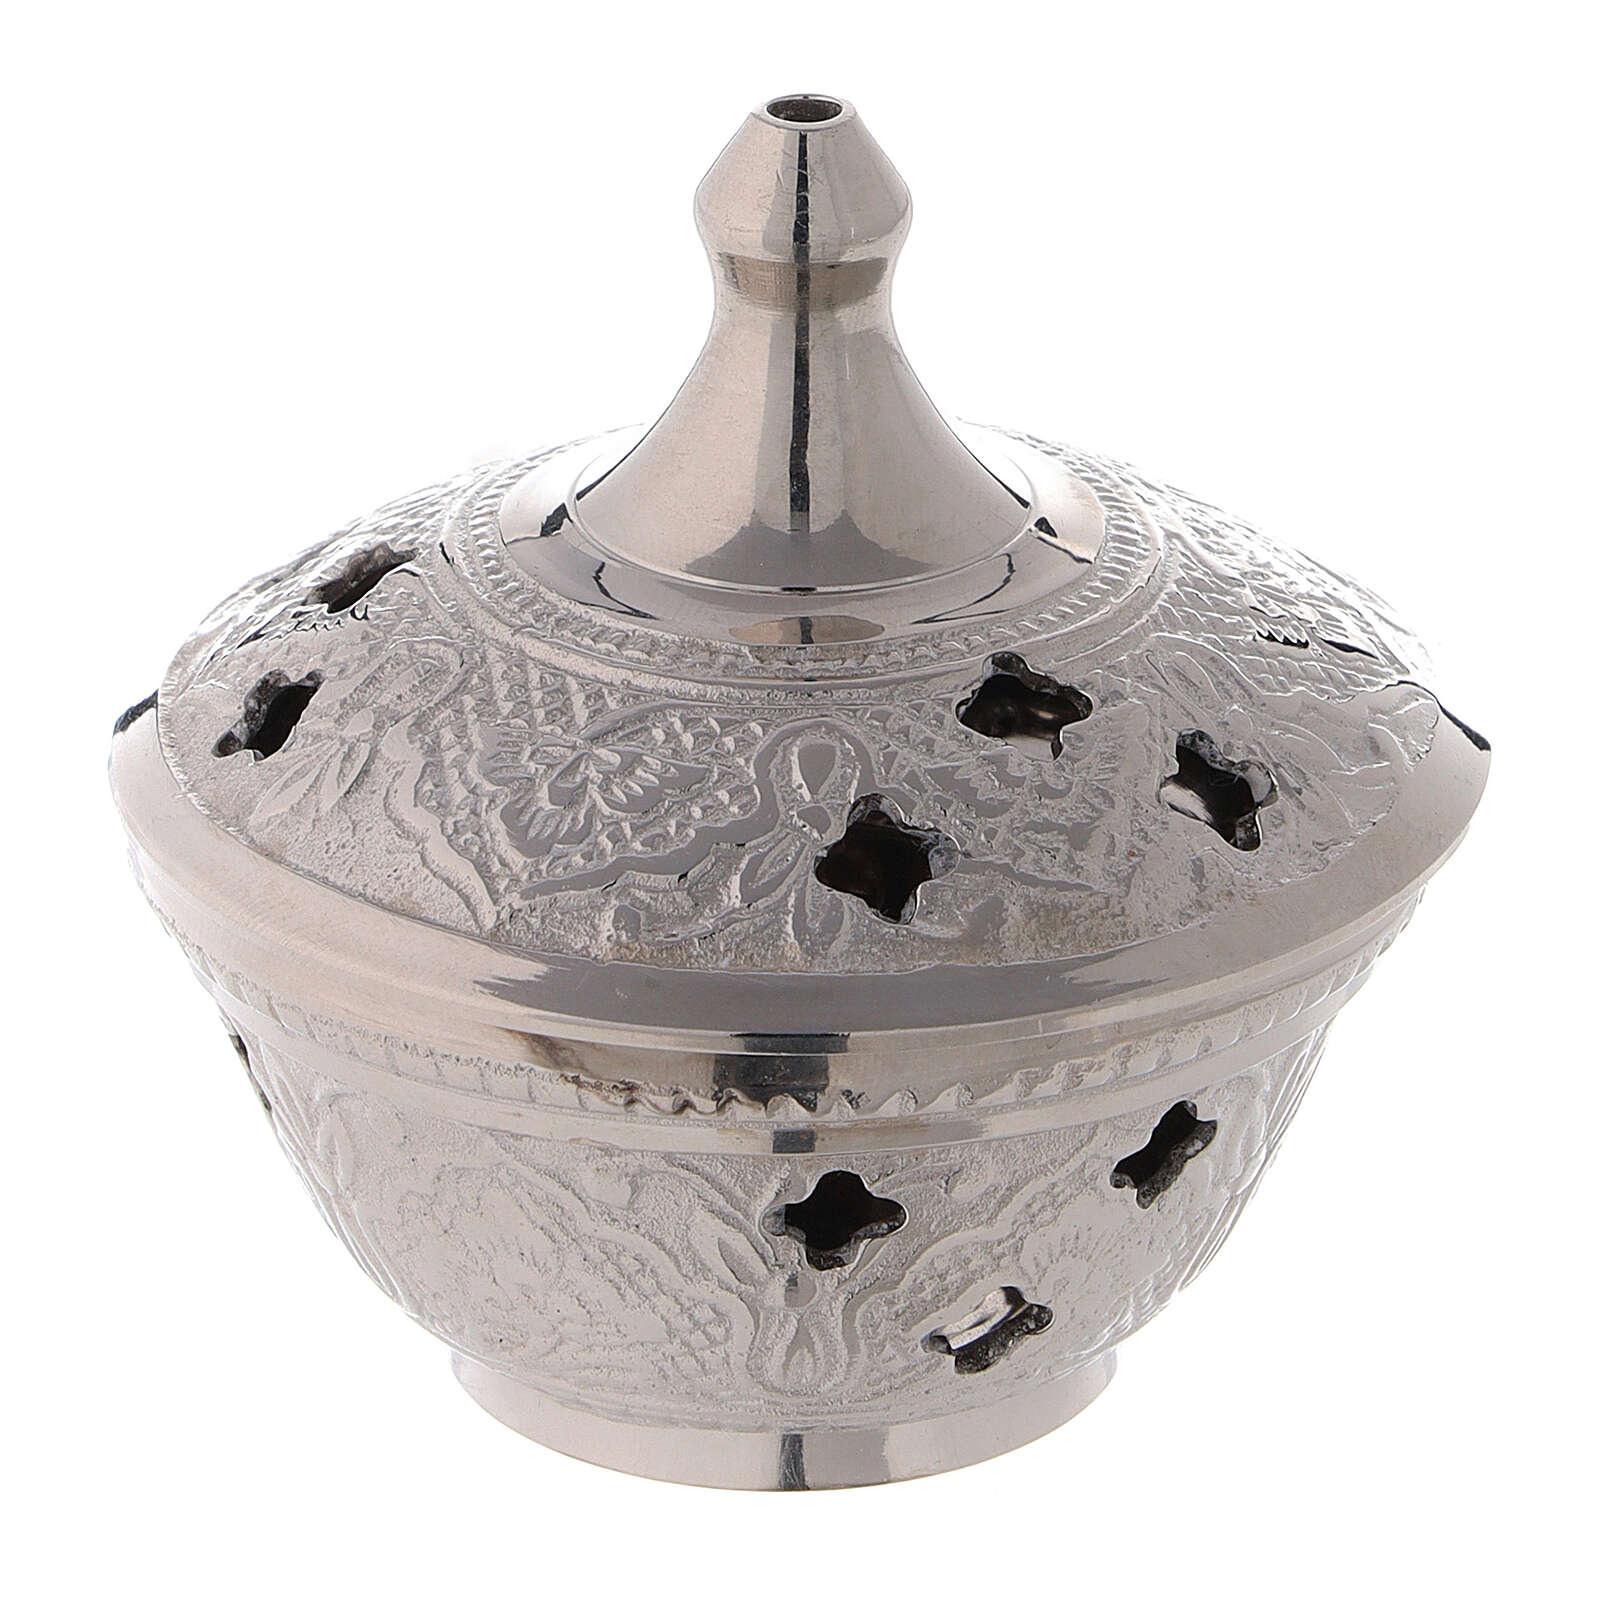 Weihrauchbrenner aus eingraviertem versilbertem Messing mit Durchmesser von 7 cm 3